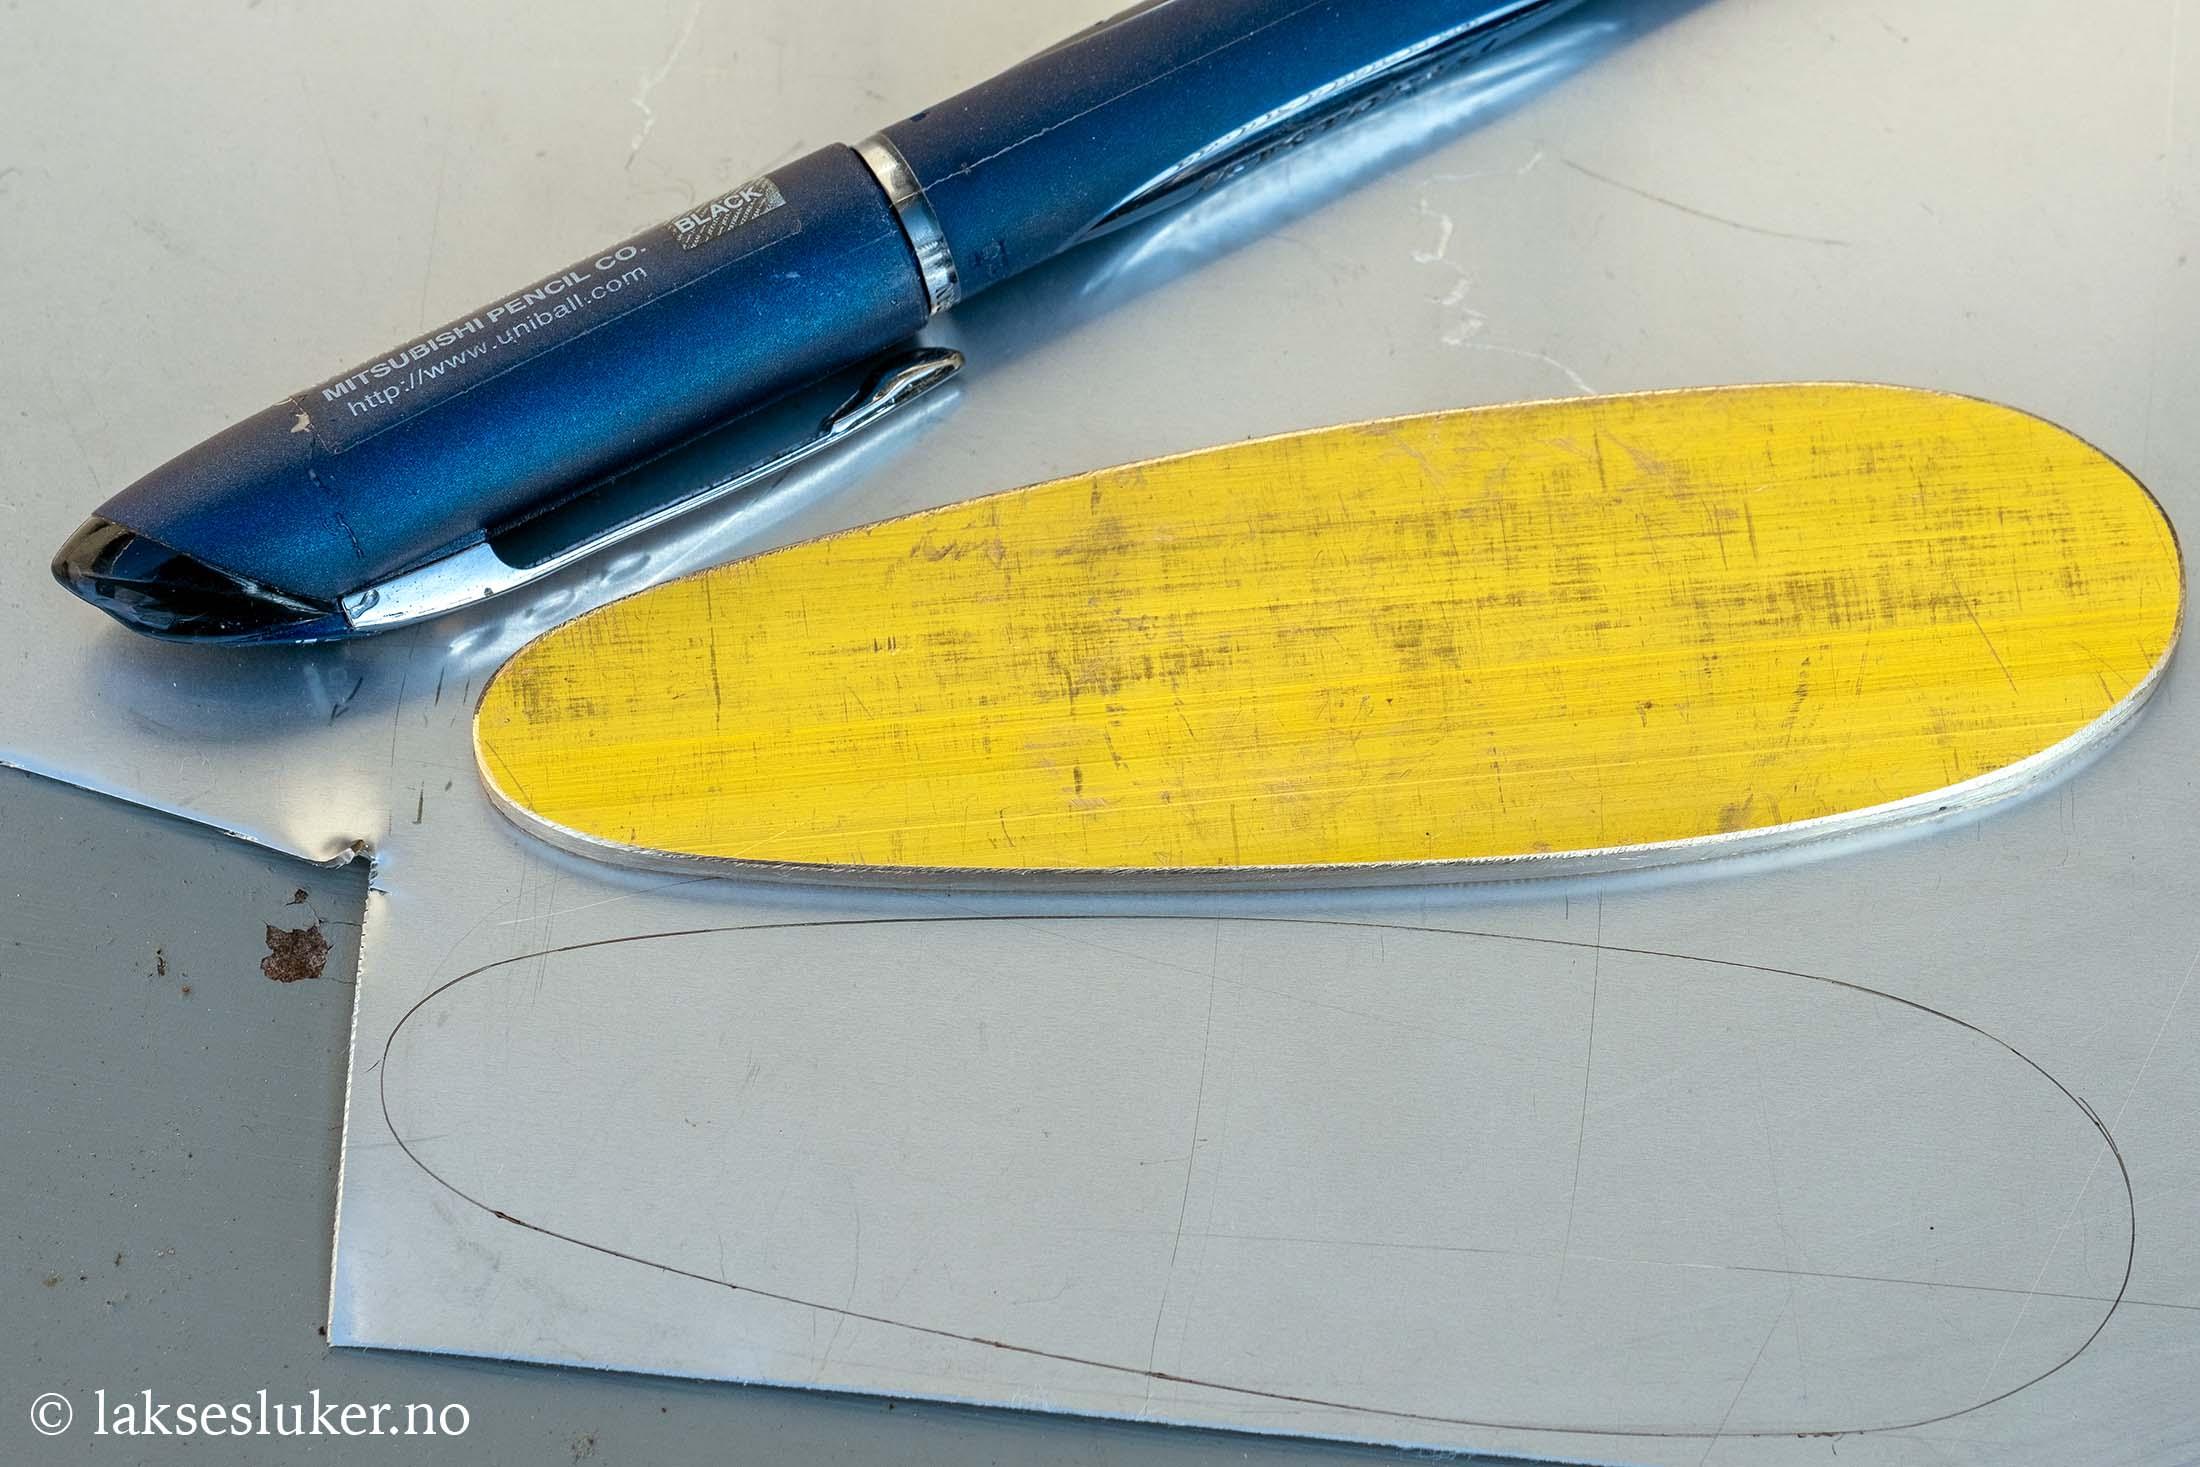 lage din egen sluk - lage omriss av sluken